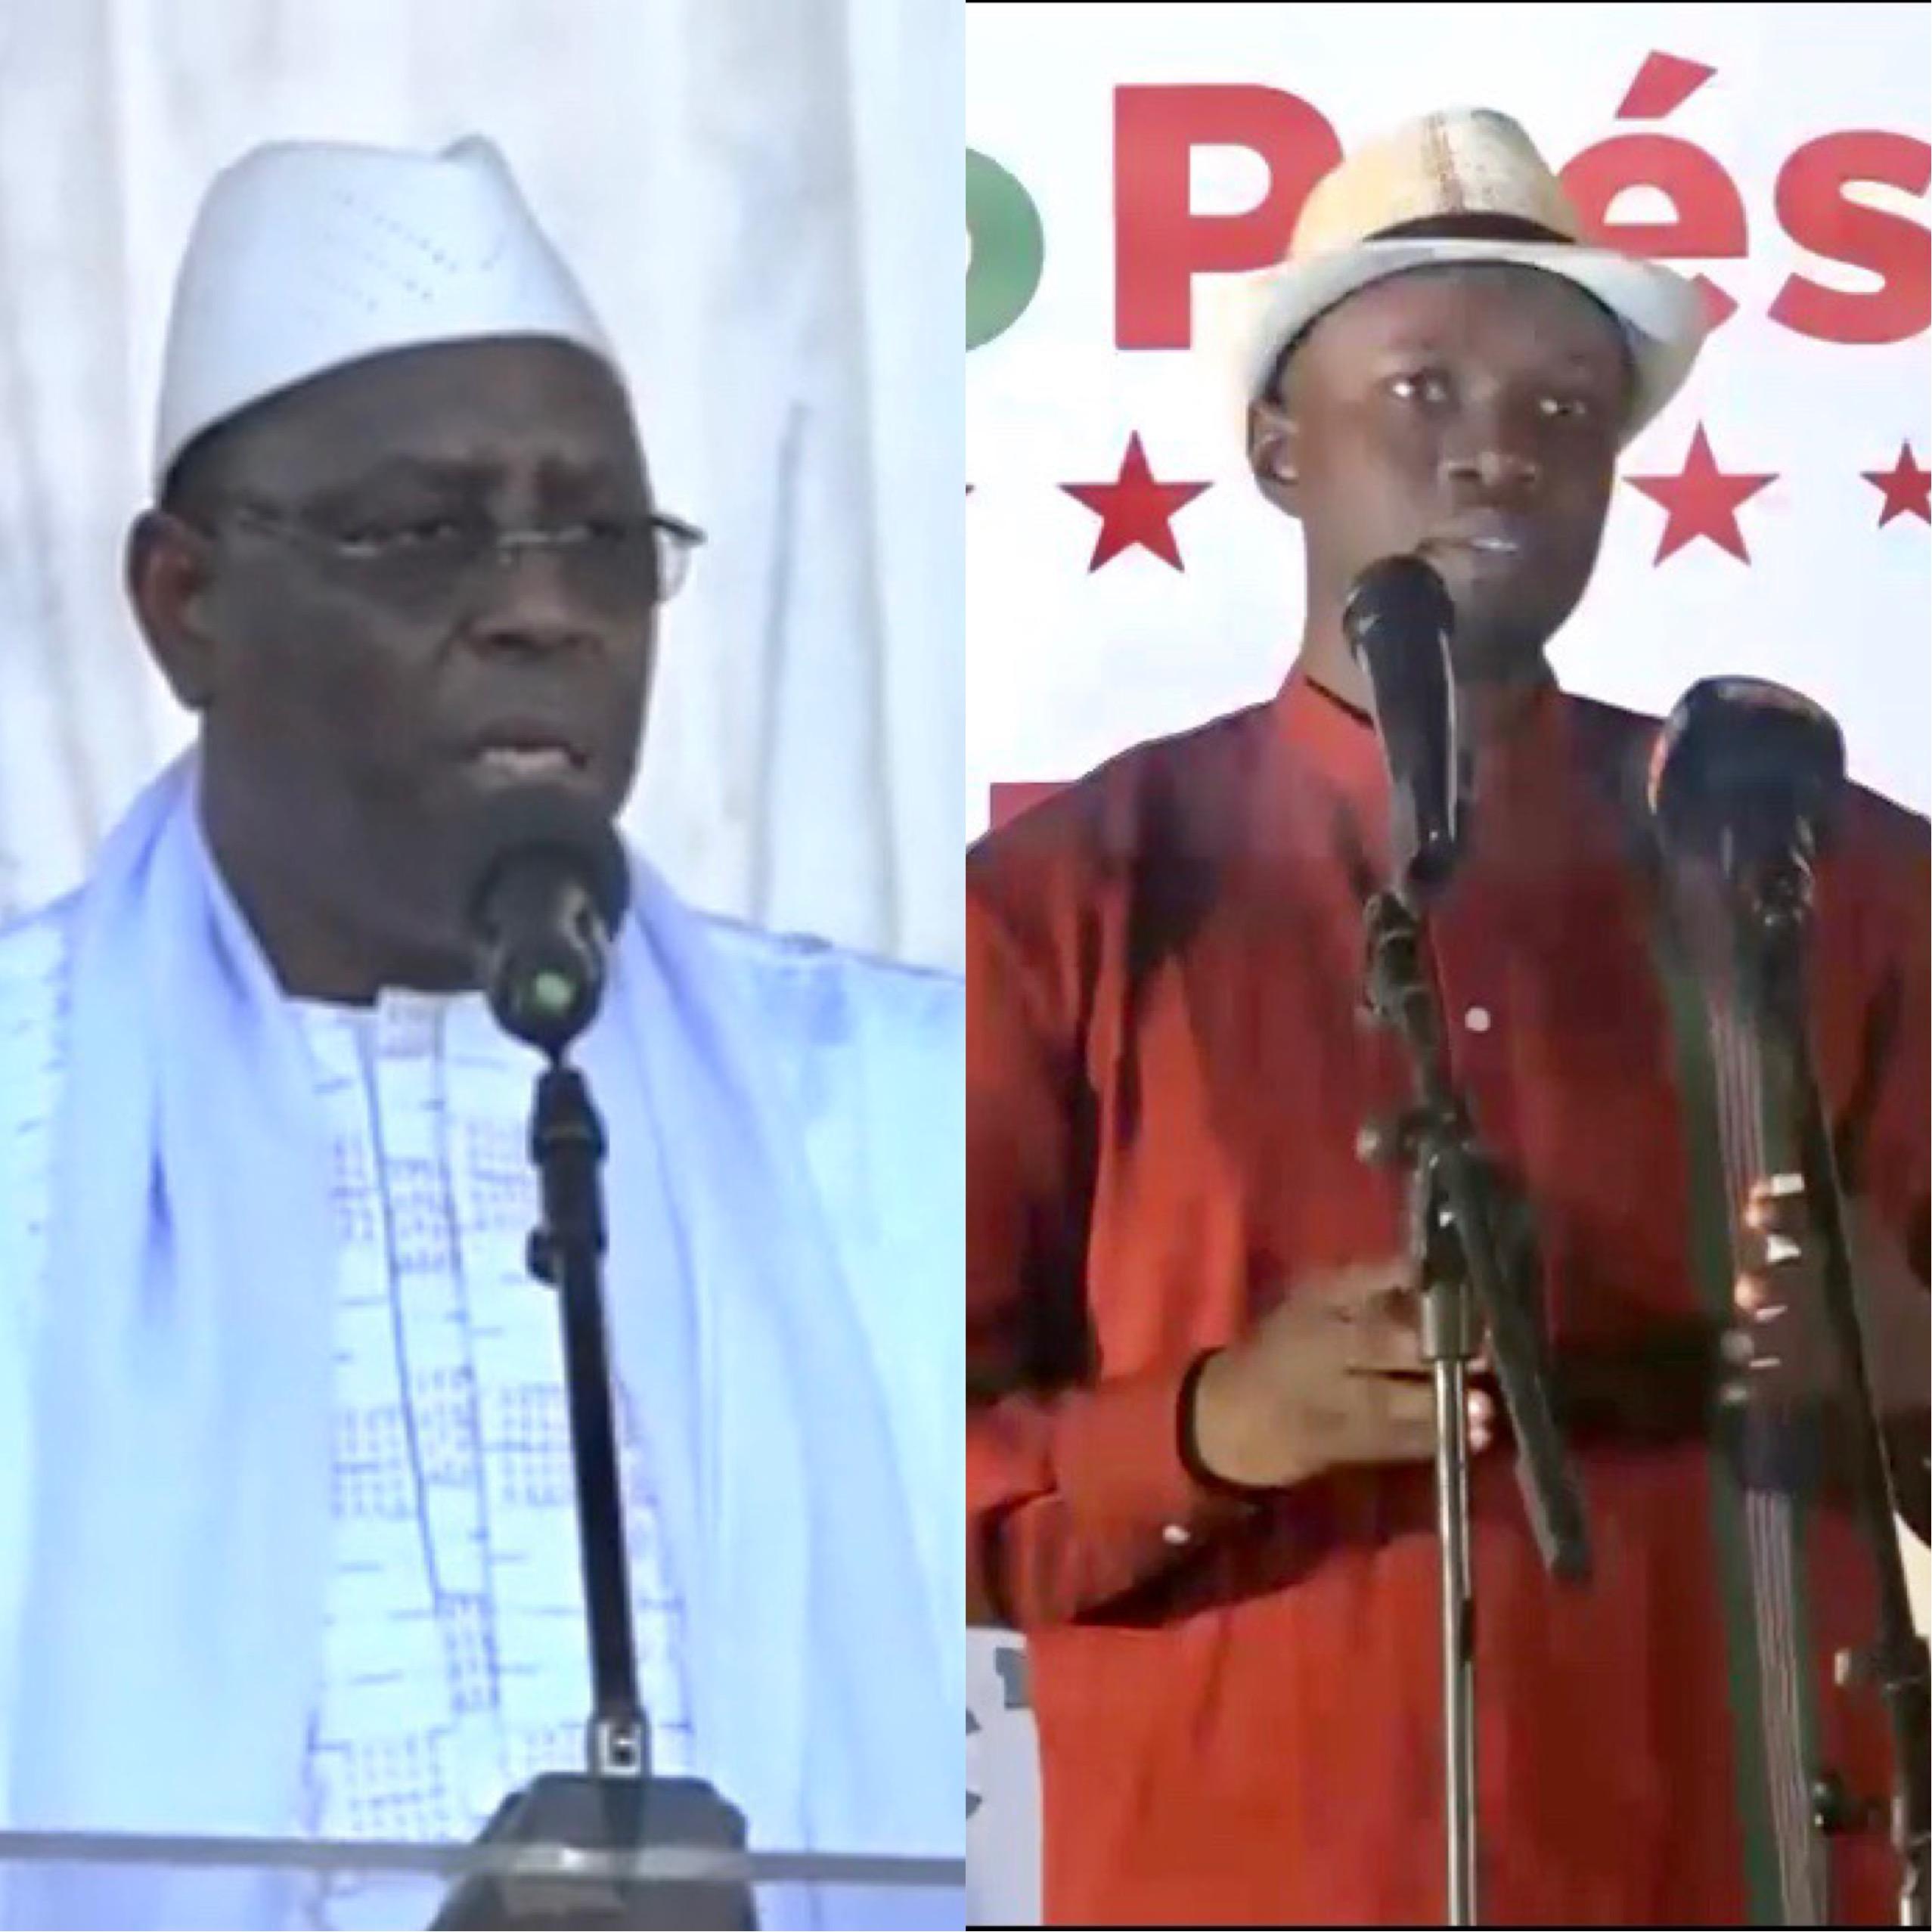 Campagne électorale Jour 1: Macky gagne le discours politique, Sonko gagne le discours patriotique.